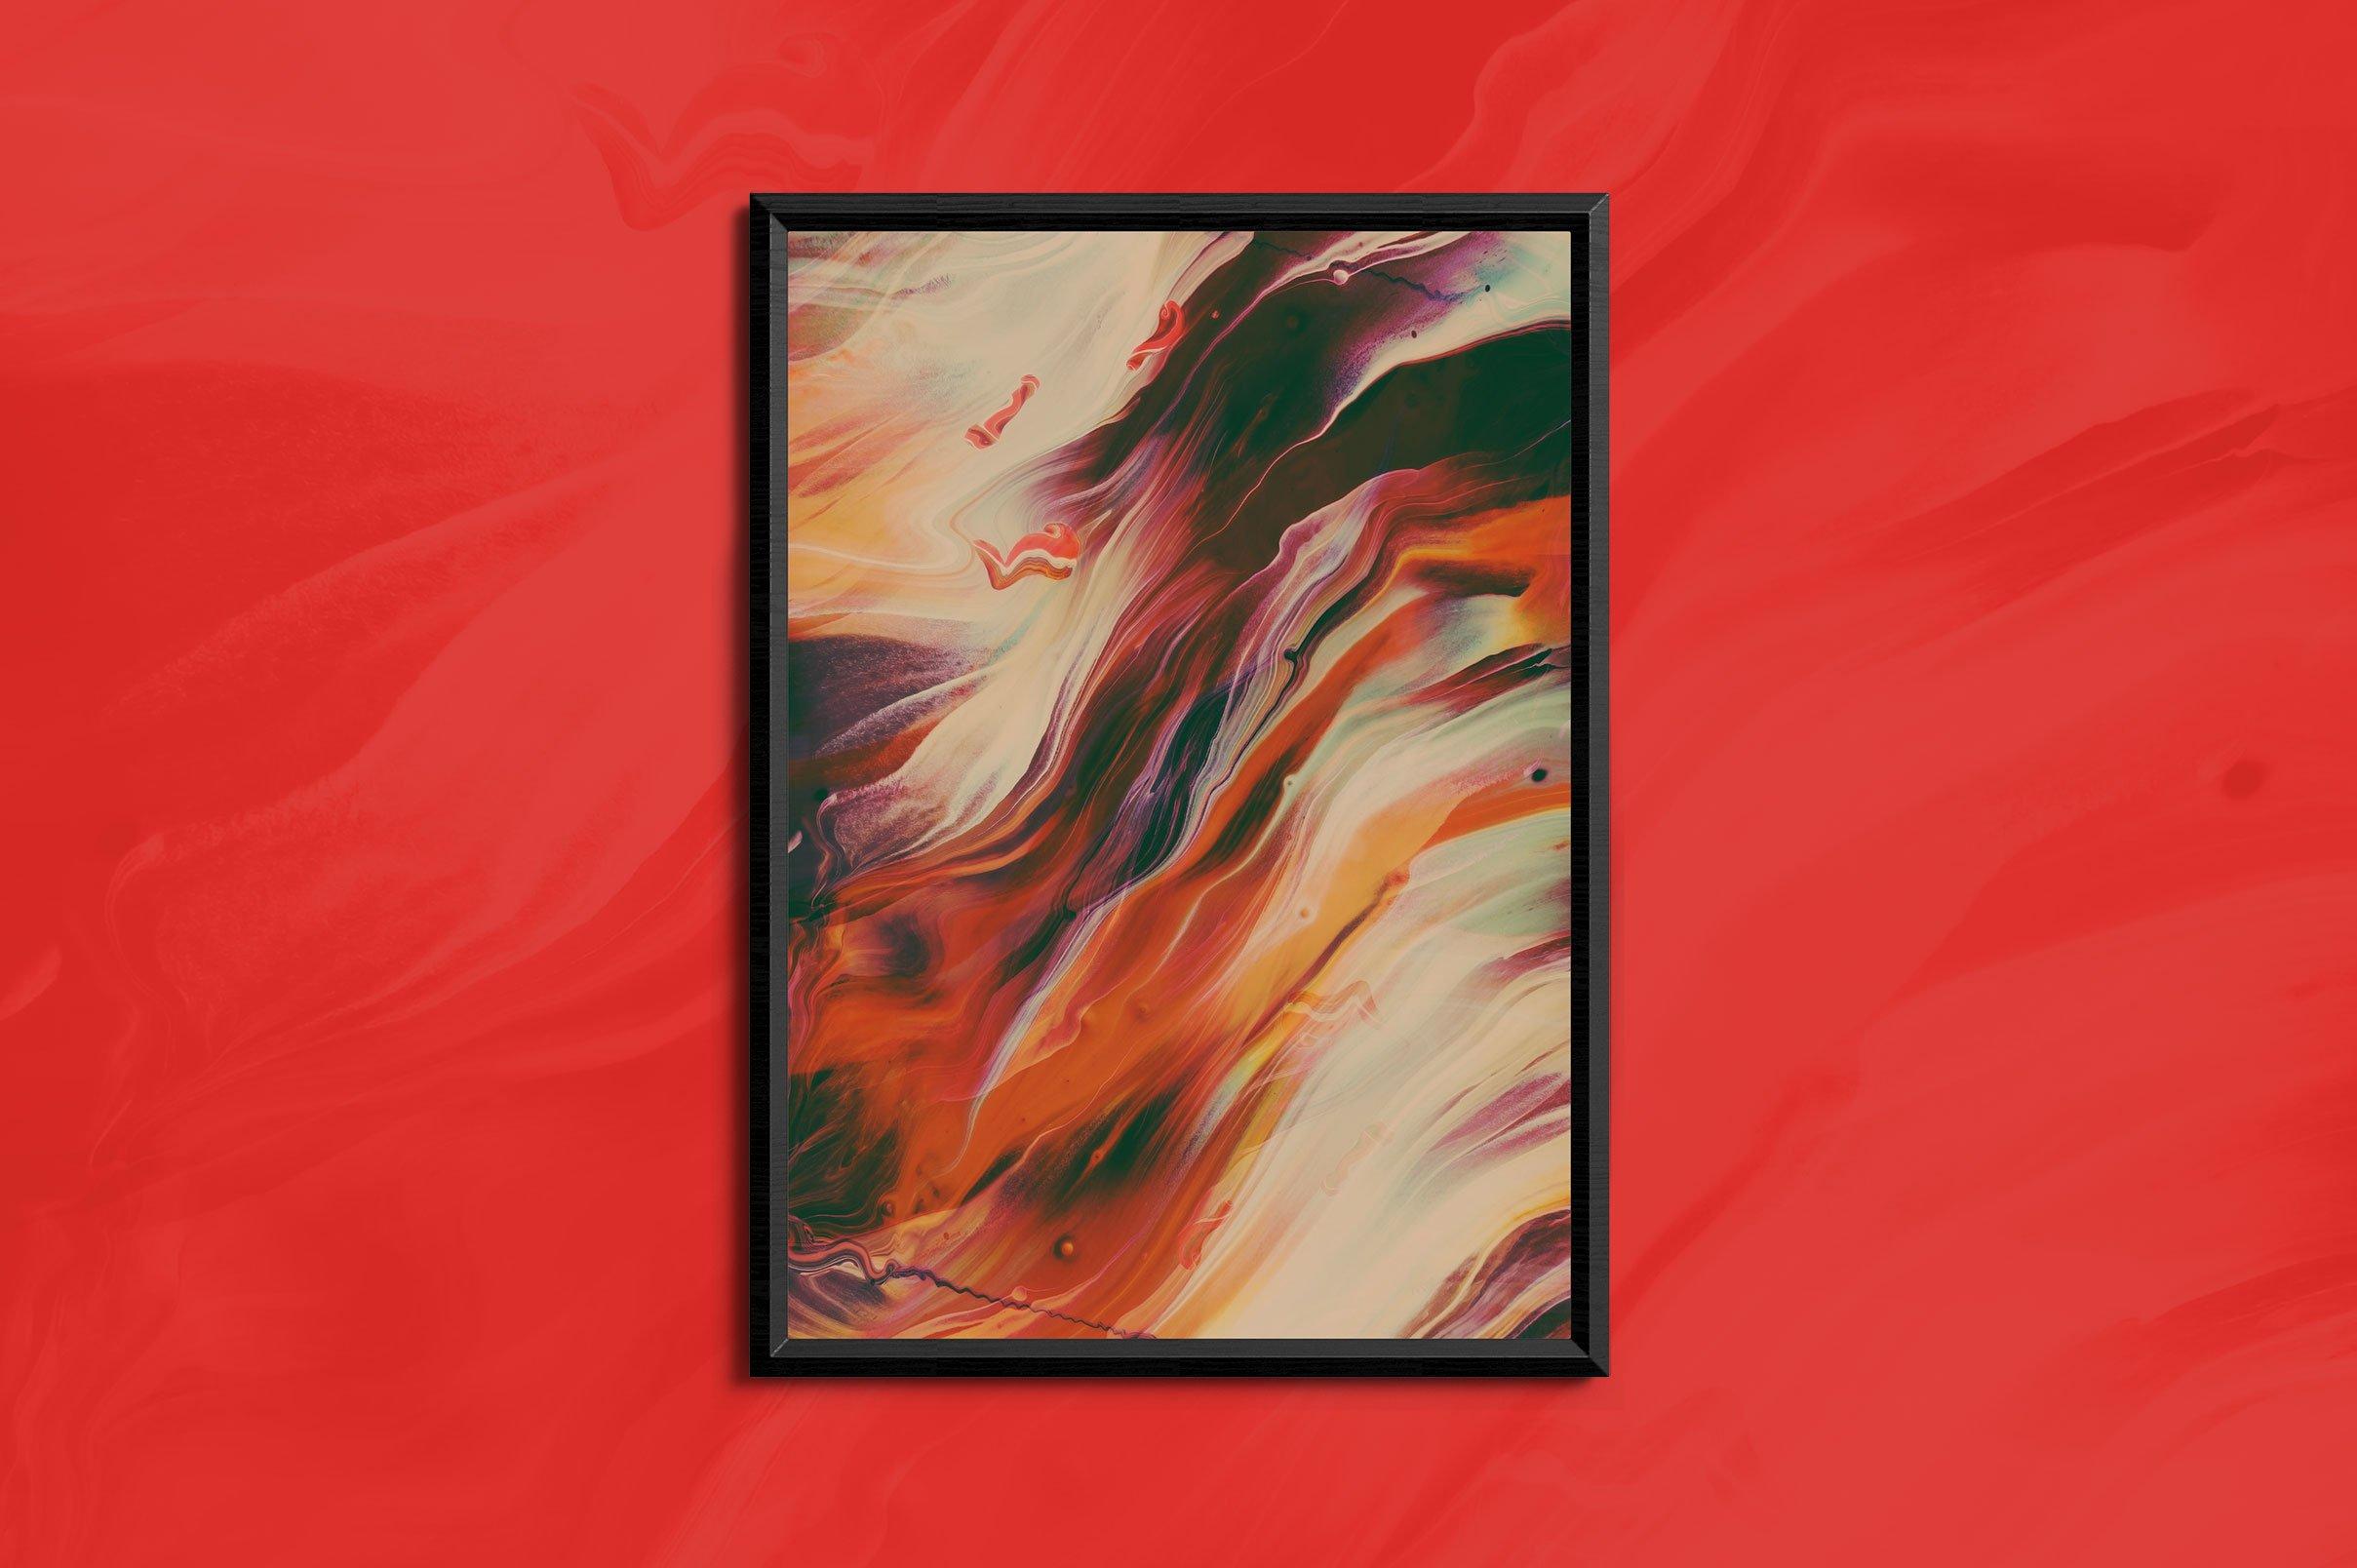 32款高清抽象丙烯酸绘画颜料背景纹理图片素材 Abstract Paint Remix Vol. 1插图(3)